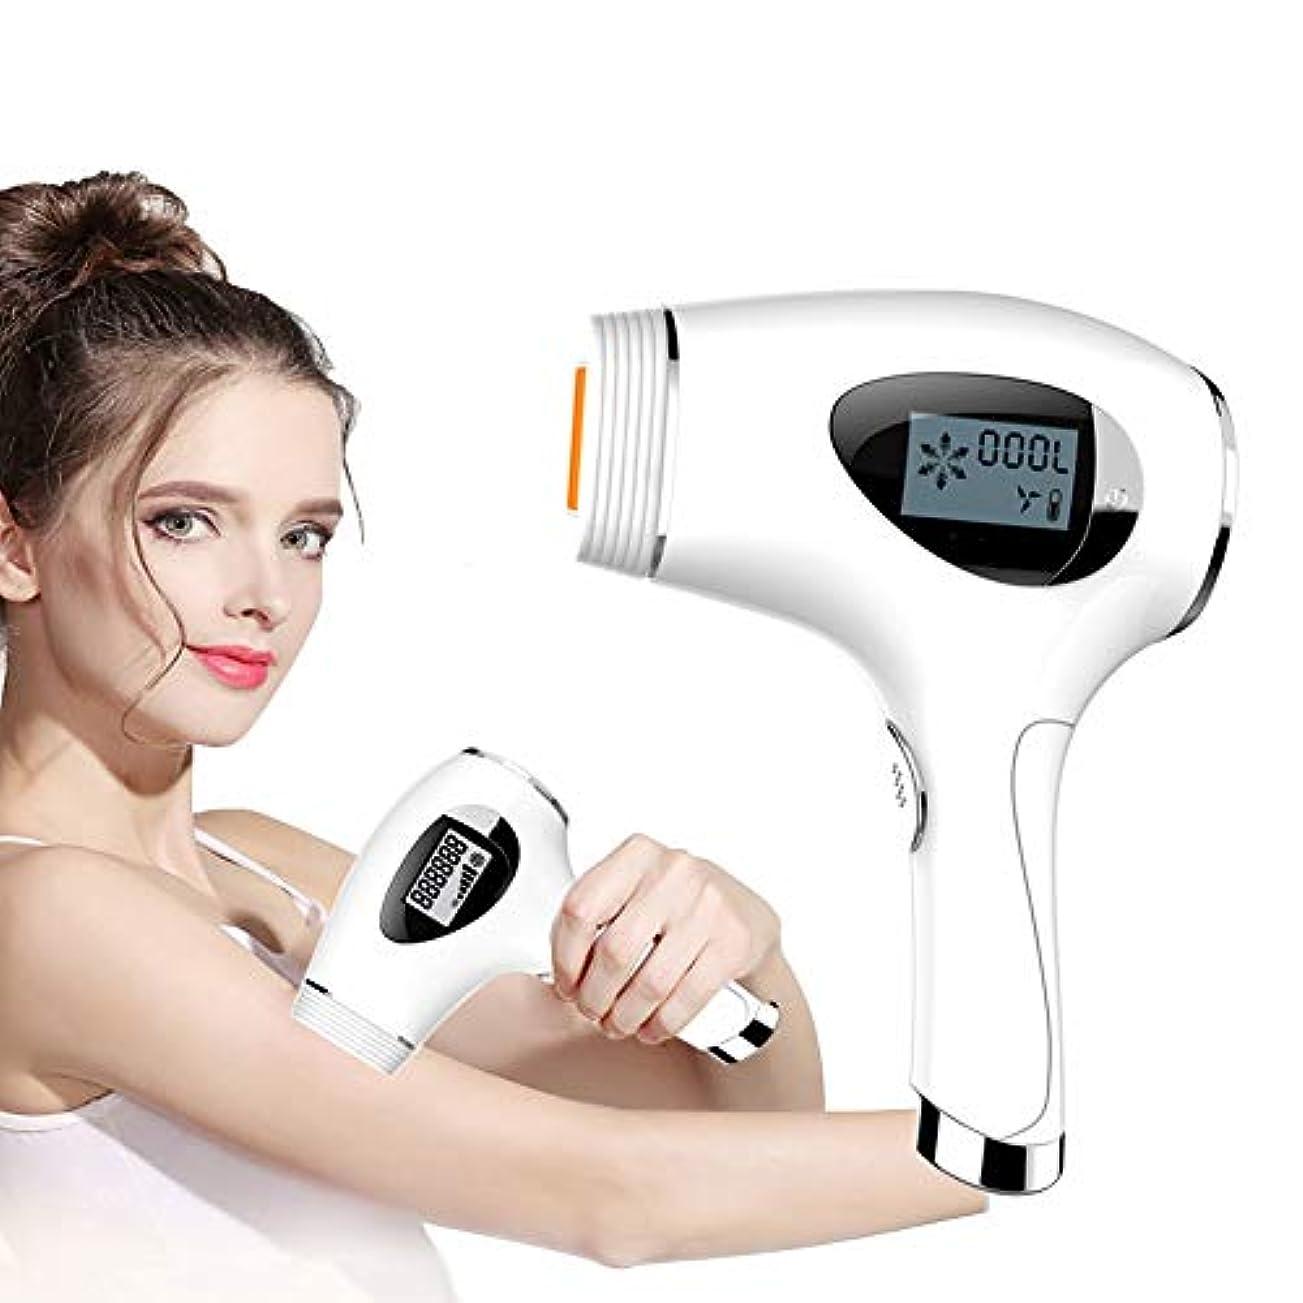 農民療法拒絶無痛 IPL 脱毛 システム にとって フェイシャル、 ポータブル 肌の若返り 常設 ヘア リムーバー 機械 にとって 女性たち 男性、 30万 点滅 ホームユース 脱毛 にとって 全身